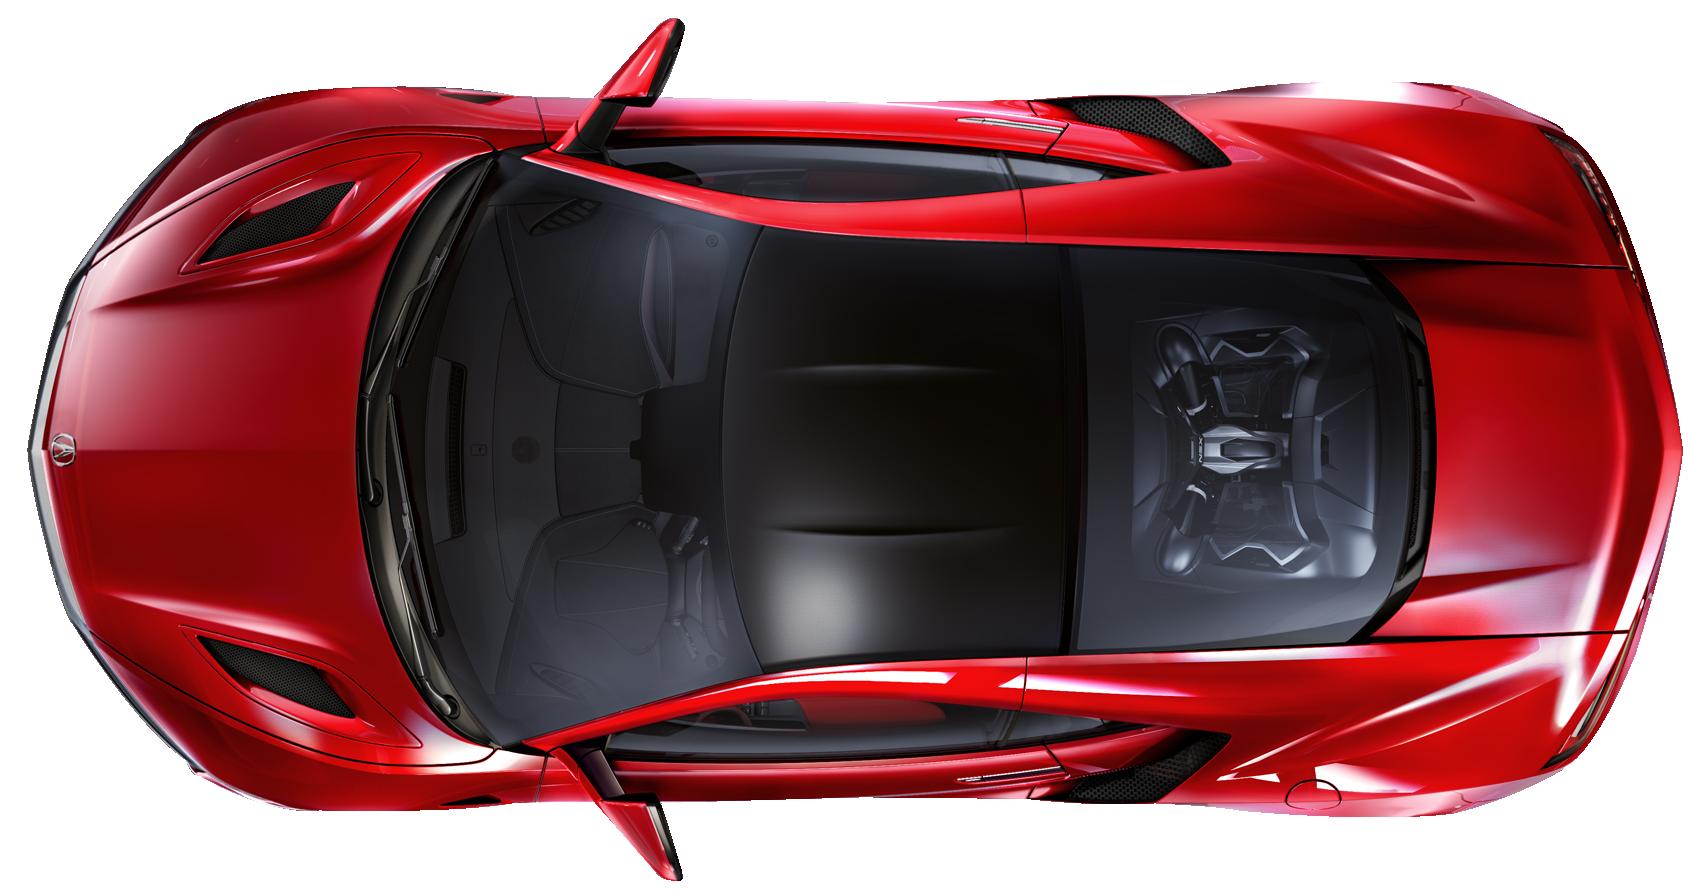 Car Top View PNG Image